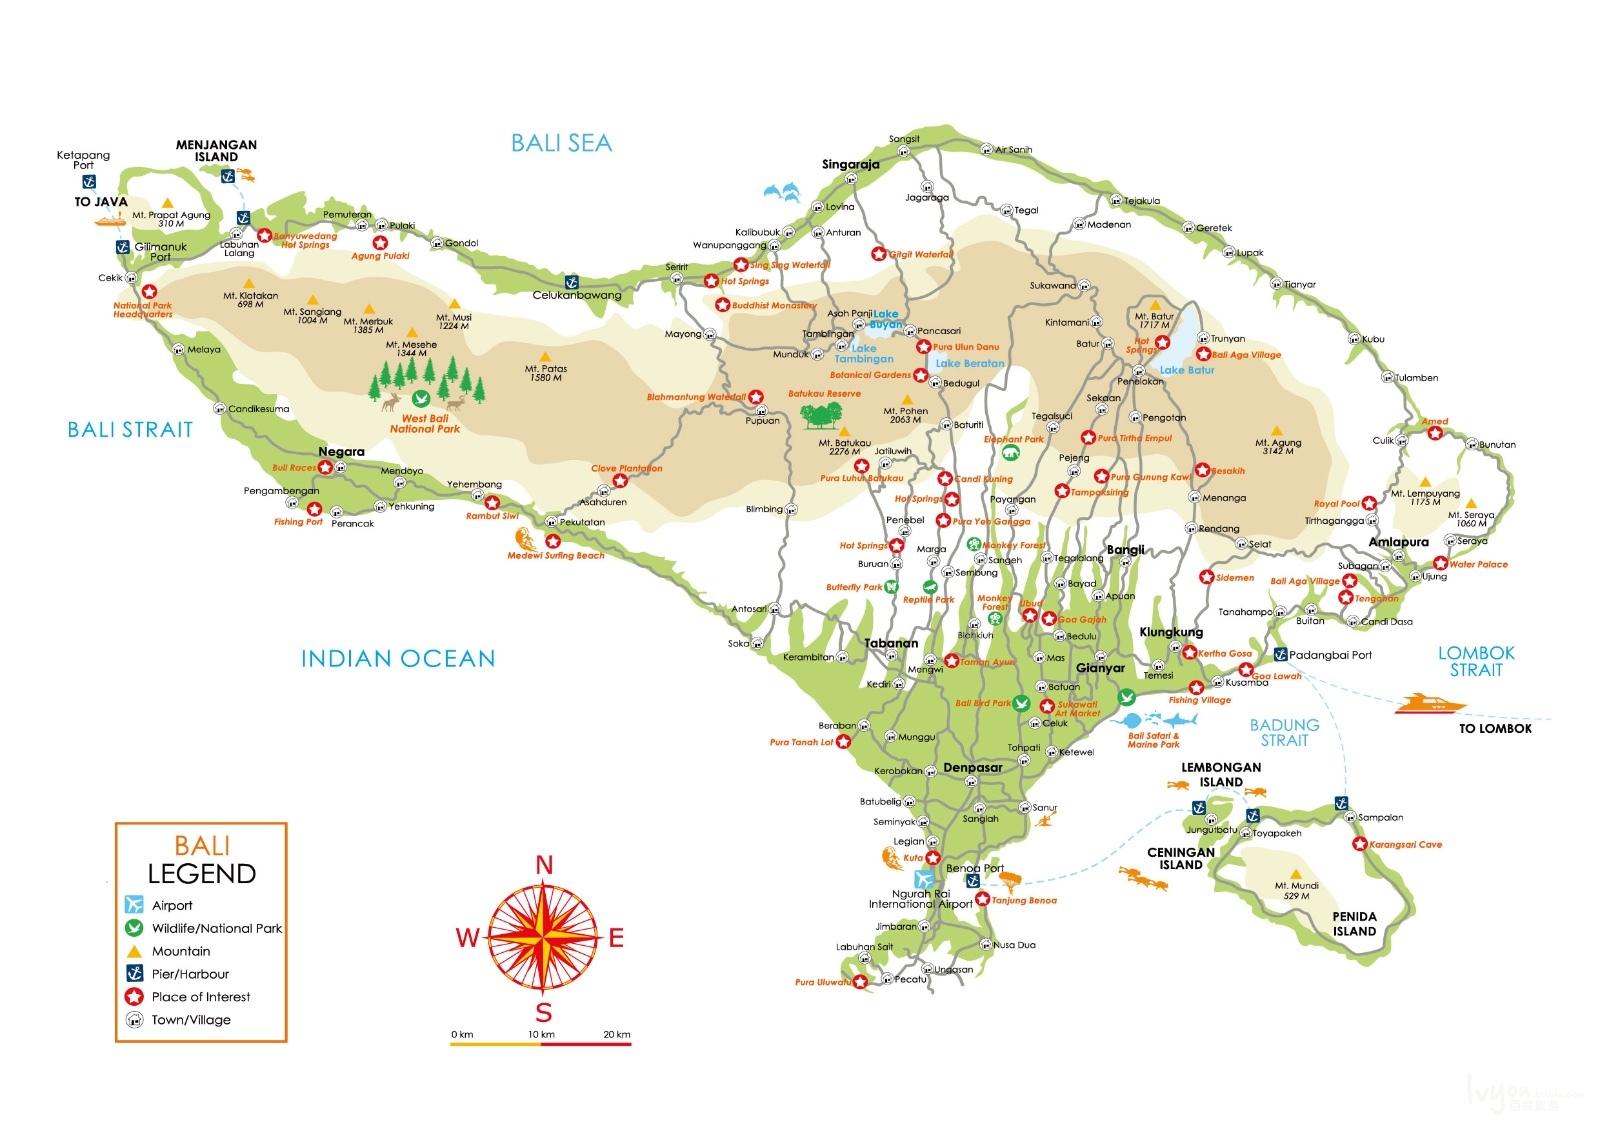 【百首纪念】大眼睛看小世界之印度尼西亚-巴厘岛与拉布安巴佐